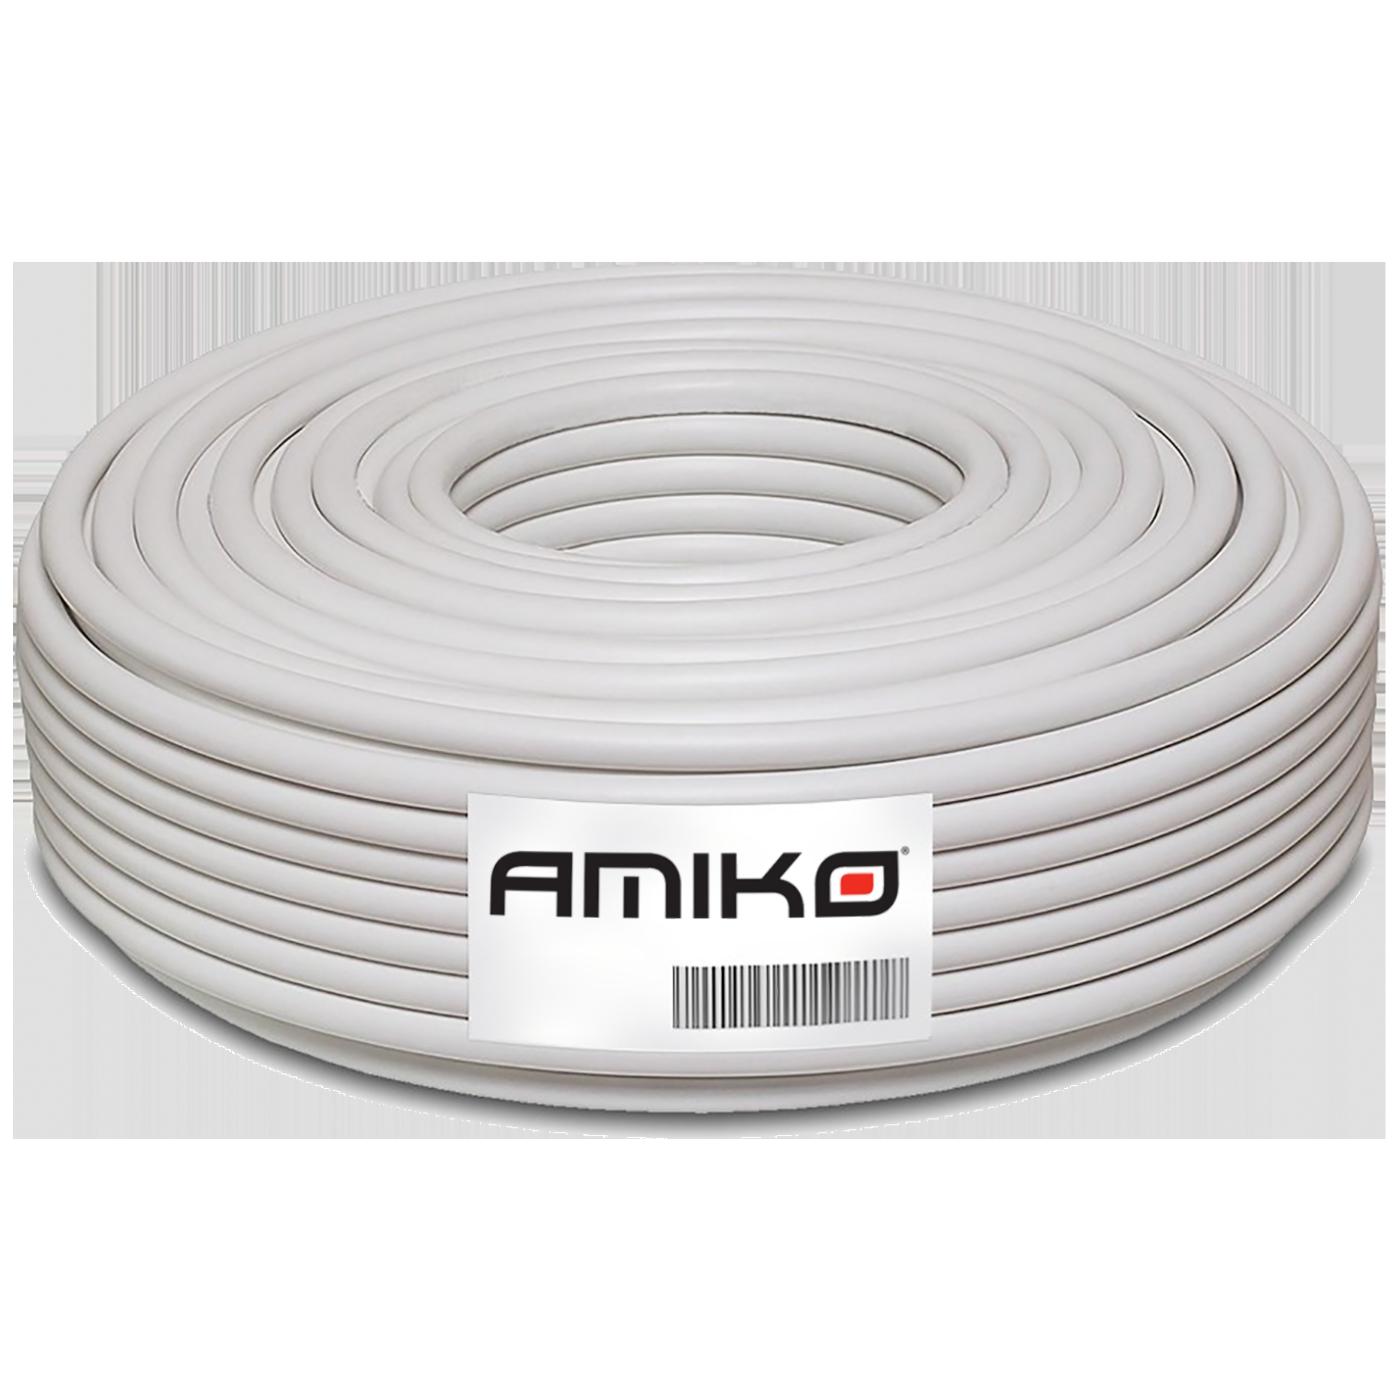 Amiko - RG6-BC/100db - 100m